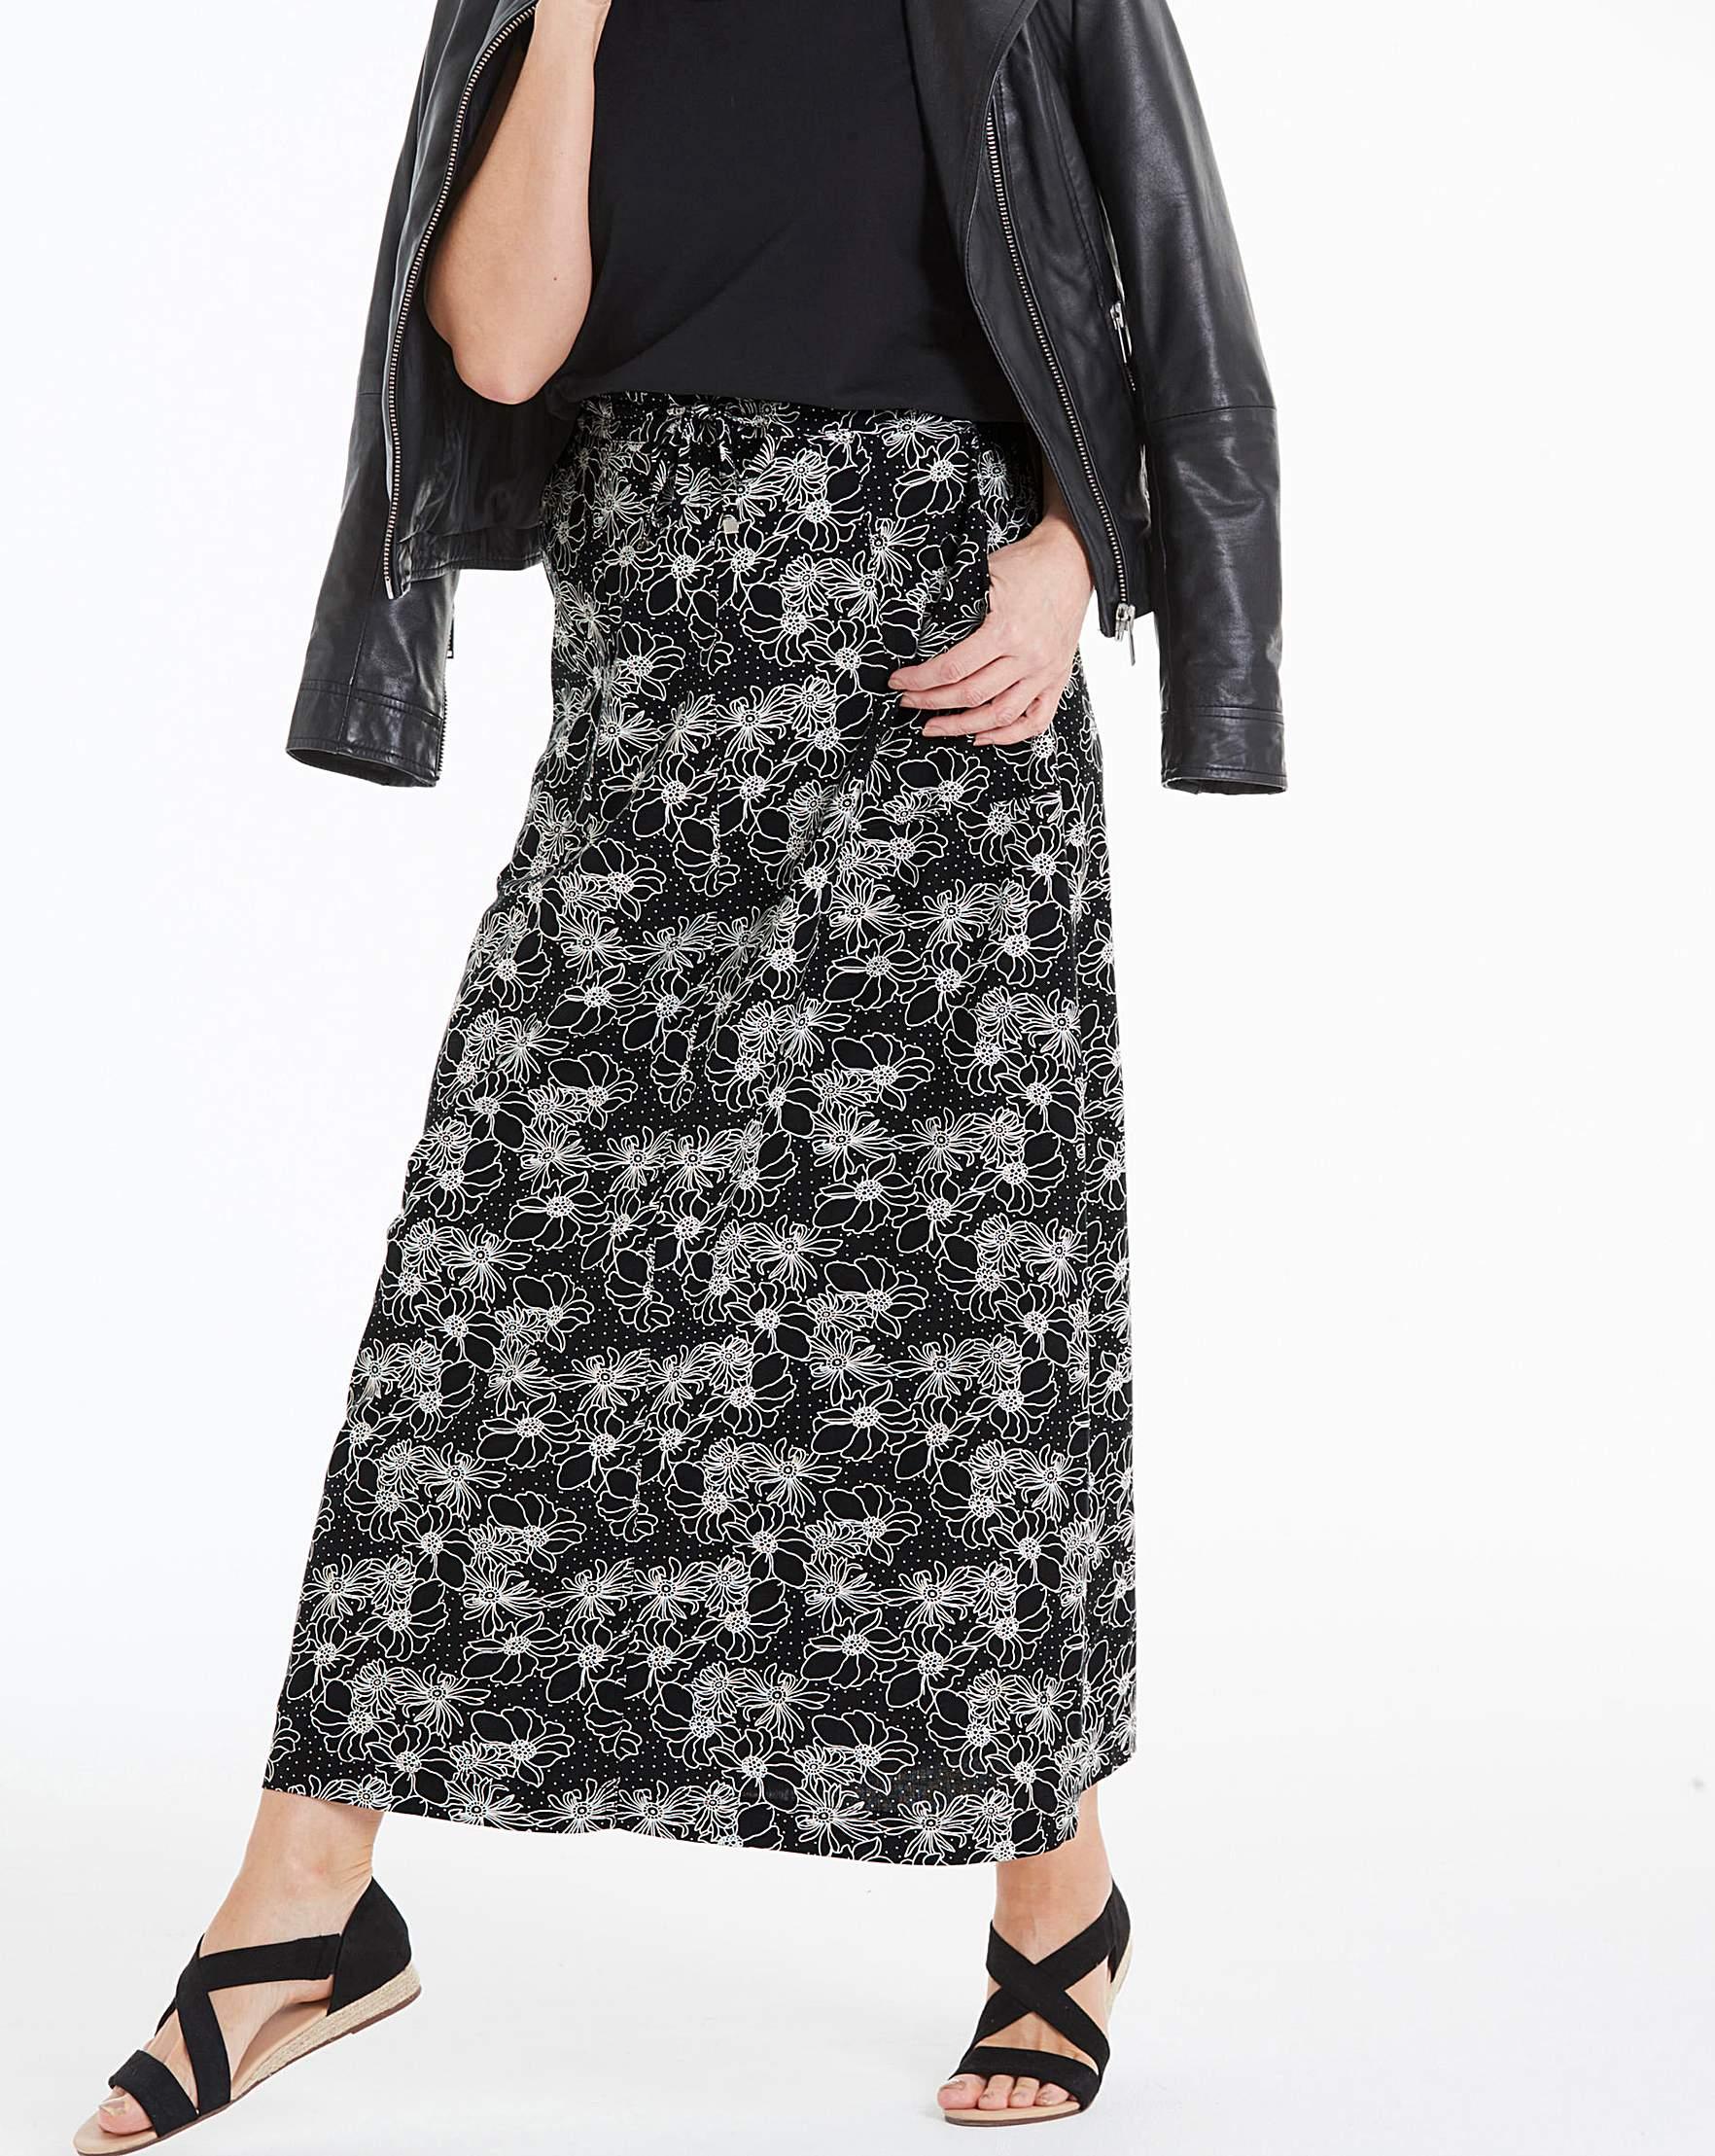 9ffae9f9d Petite Maxi Skirts Next – DACC